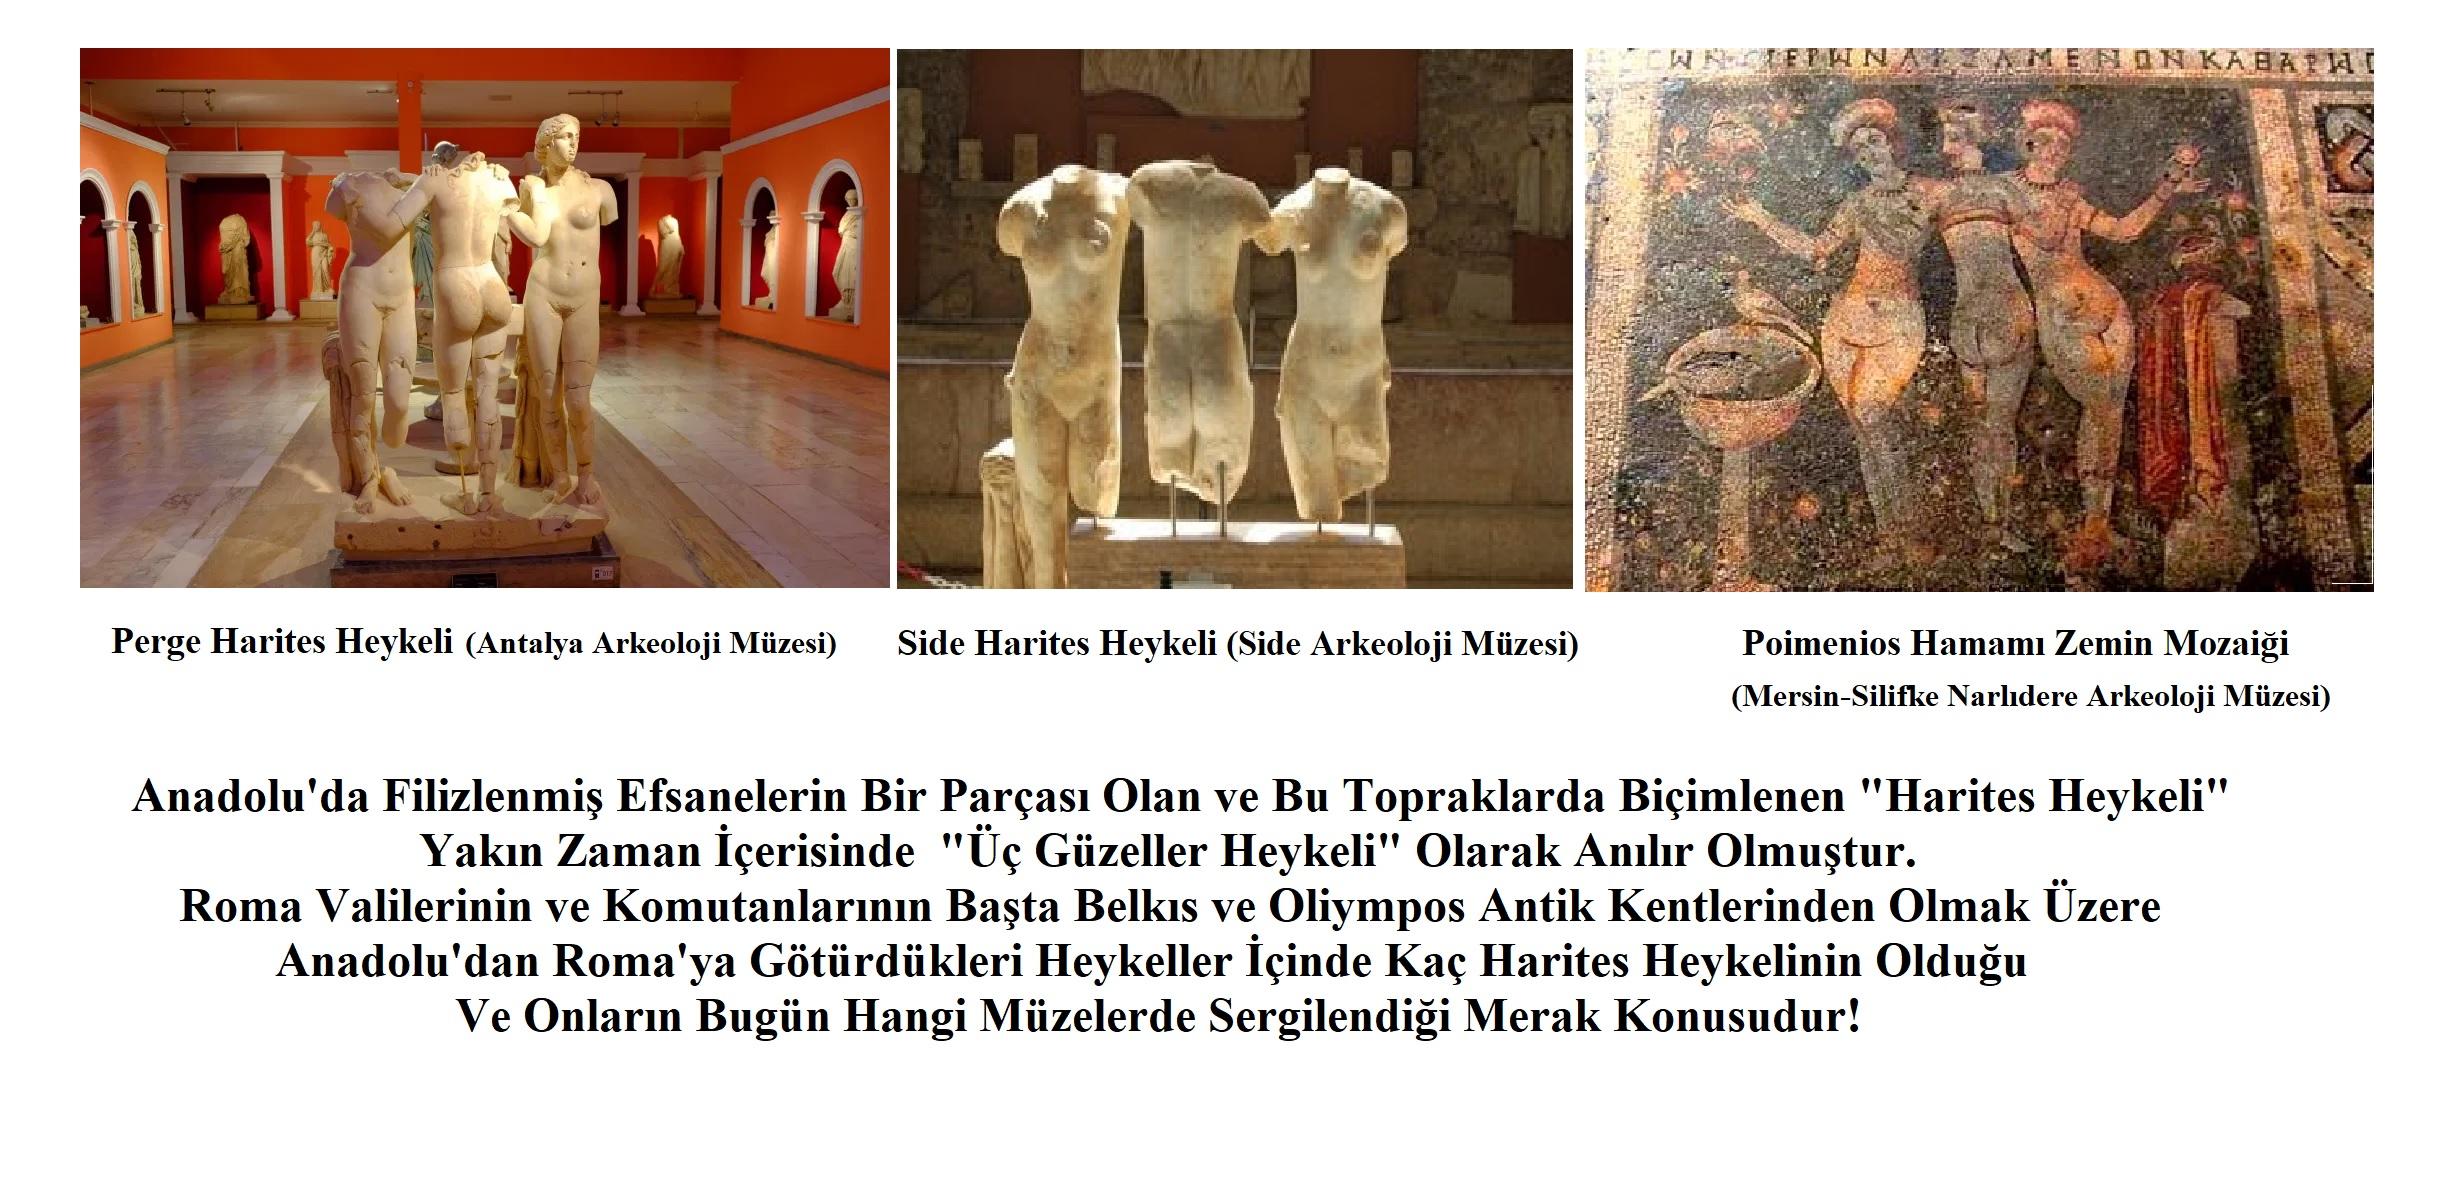 Perge ve Side Antik Kentleri Harites/Karites Heykeli